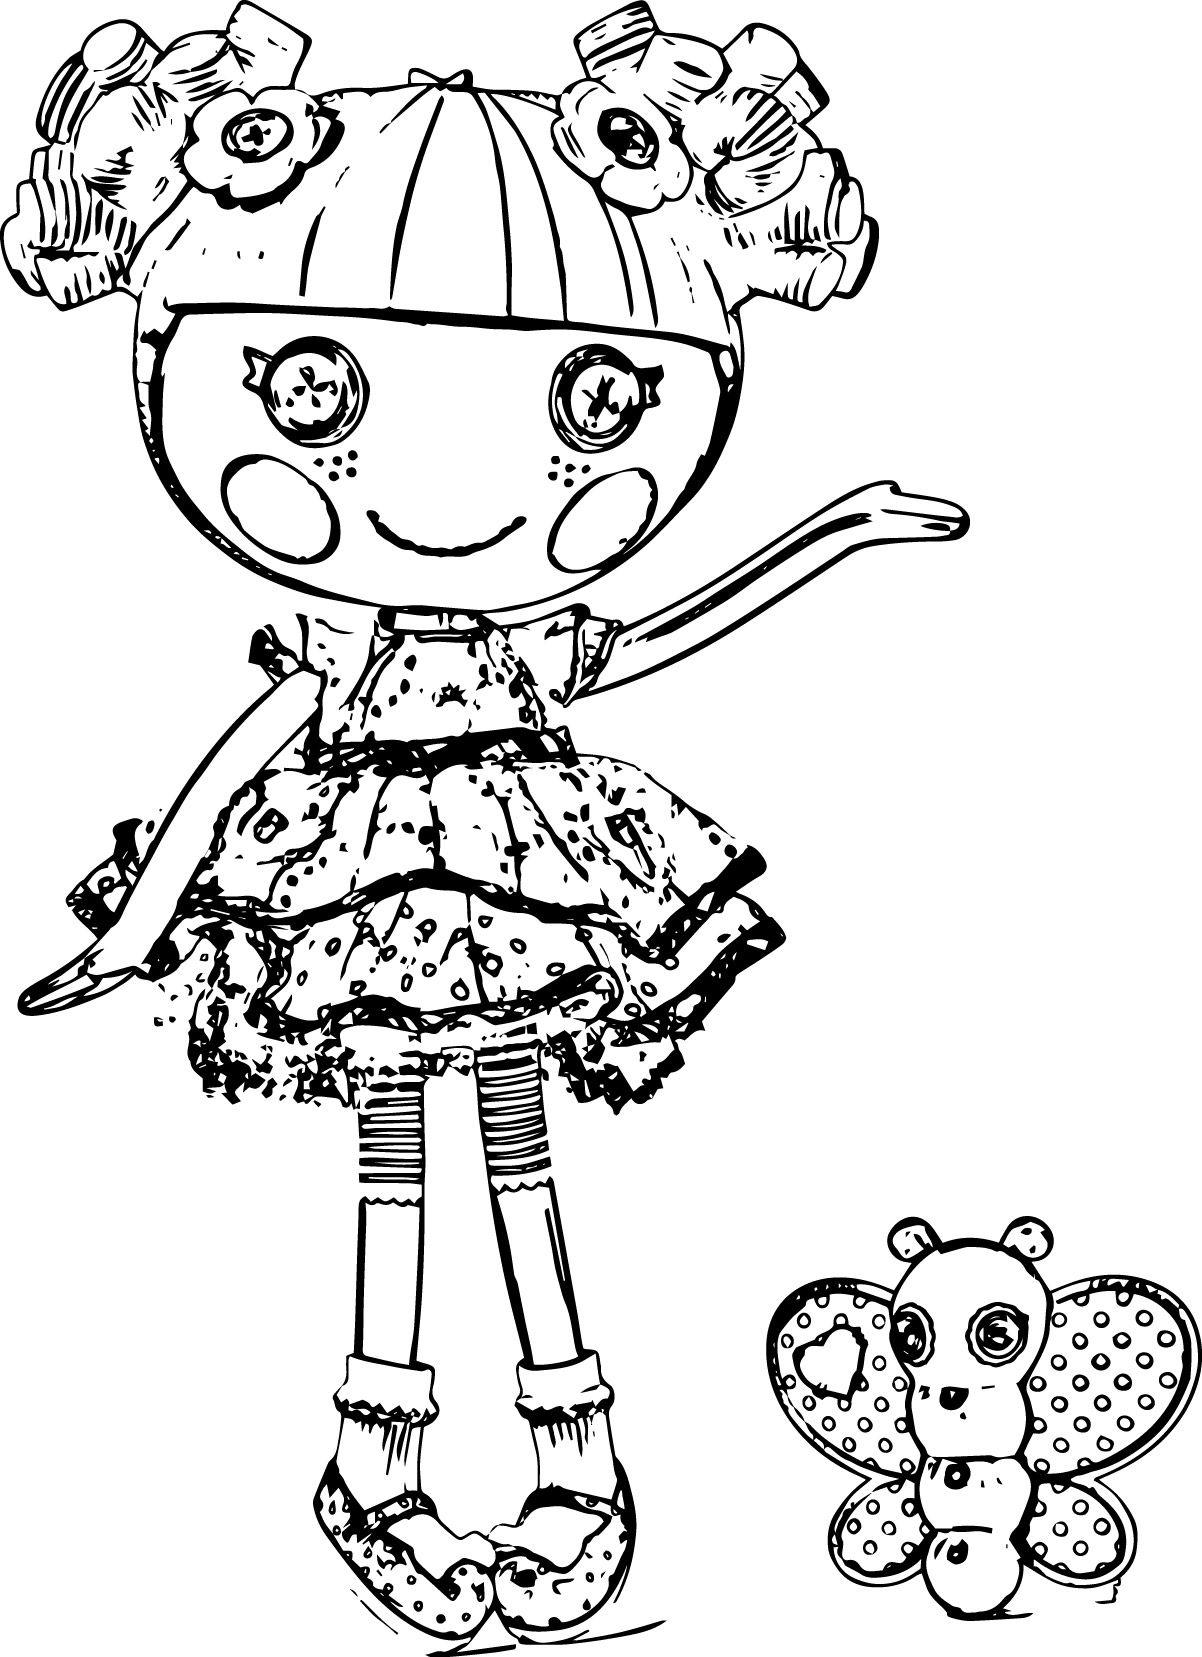 Lalaloopsy Cartoon Coloring Pages | Lalaloopsy